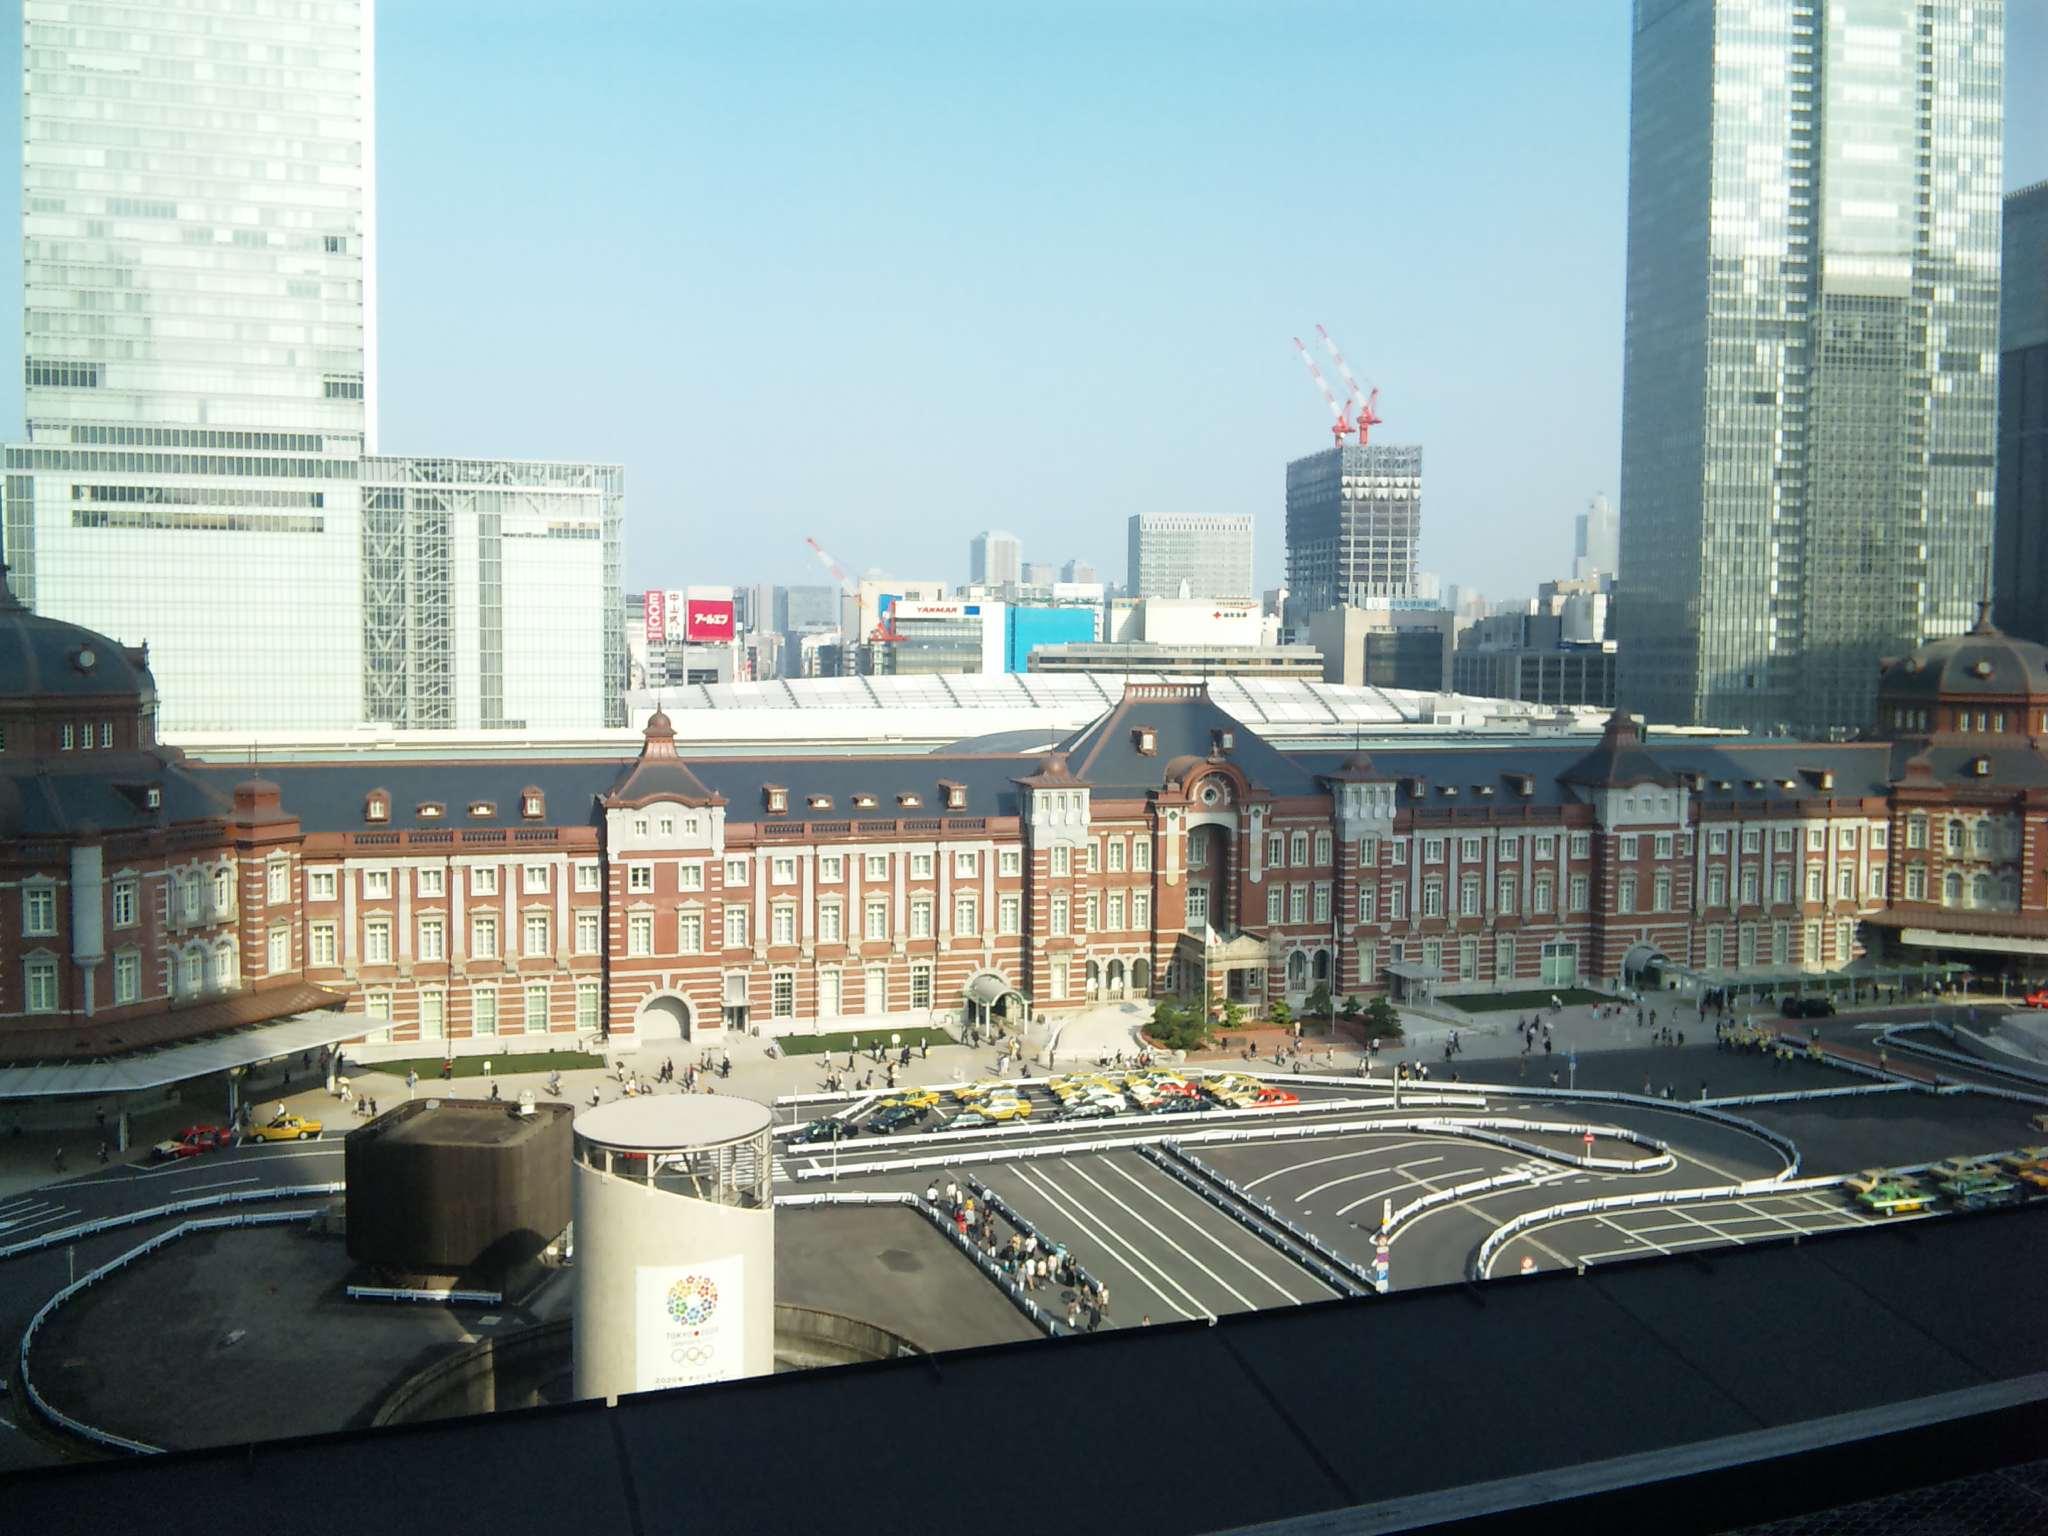 今夜は入場無料;7/26(金)東京駅舎を眺めて乾杯!at 新丸ビル7階「丸の内ハウス・夏祭り」!_a0103940_13414552.jpg